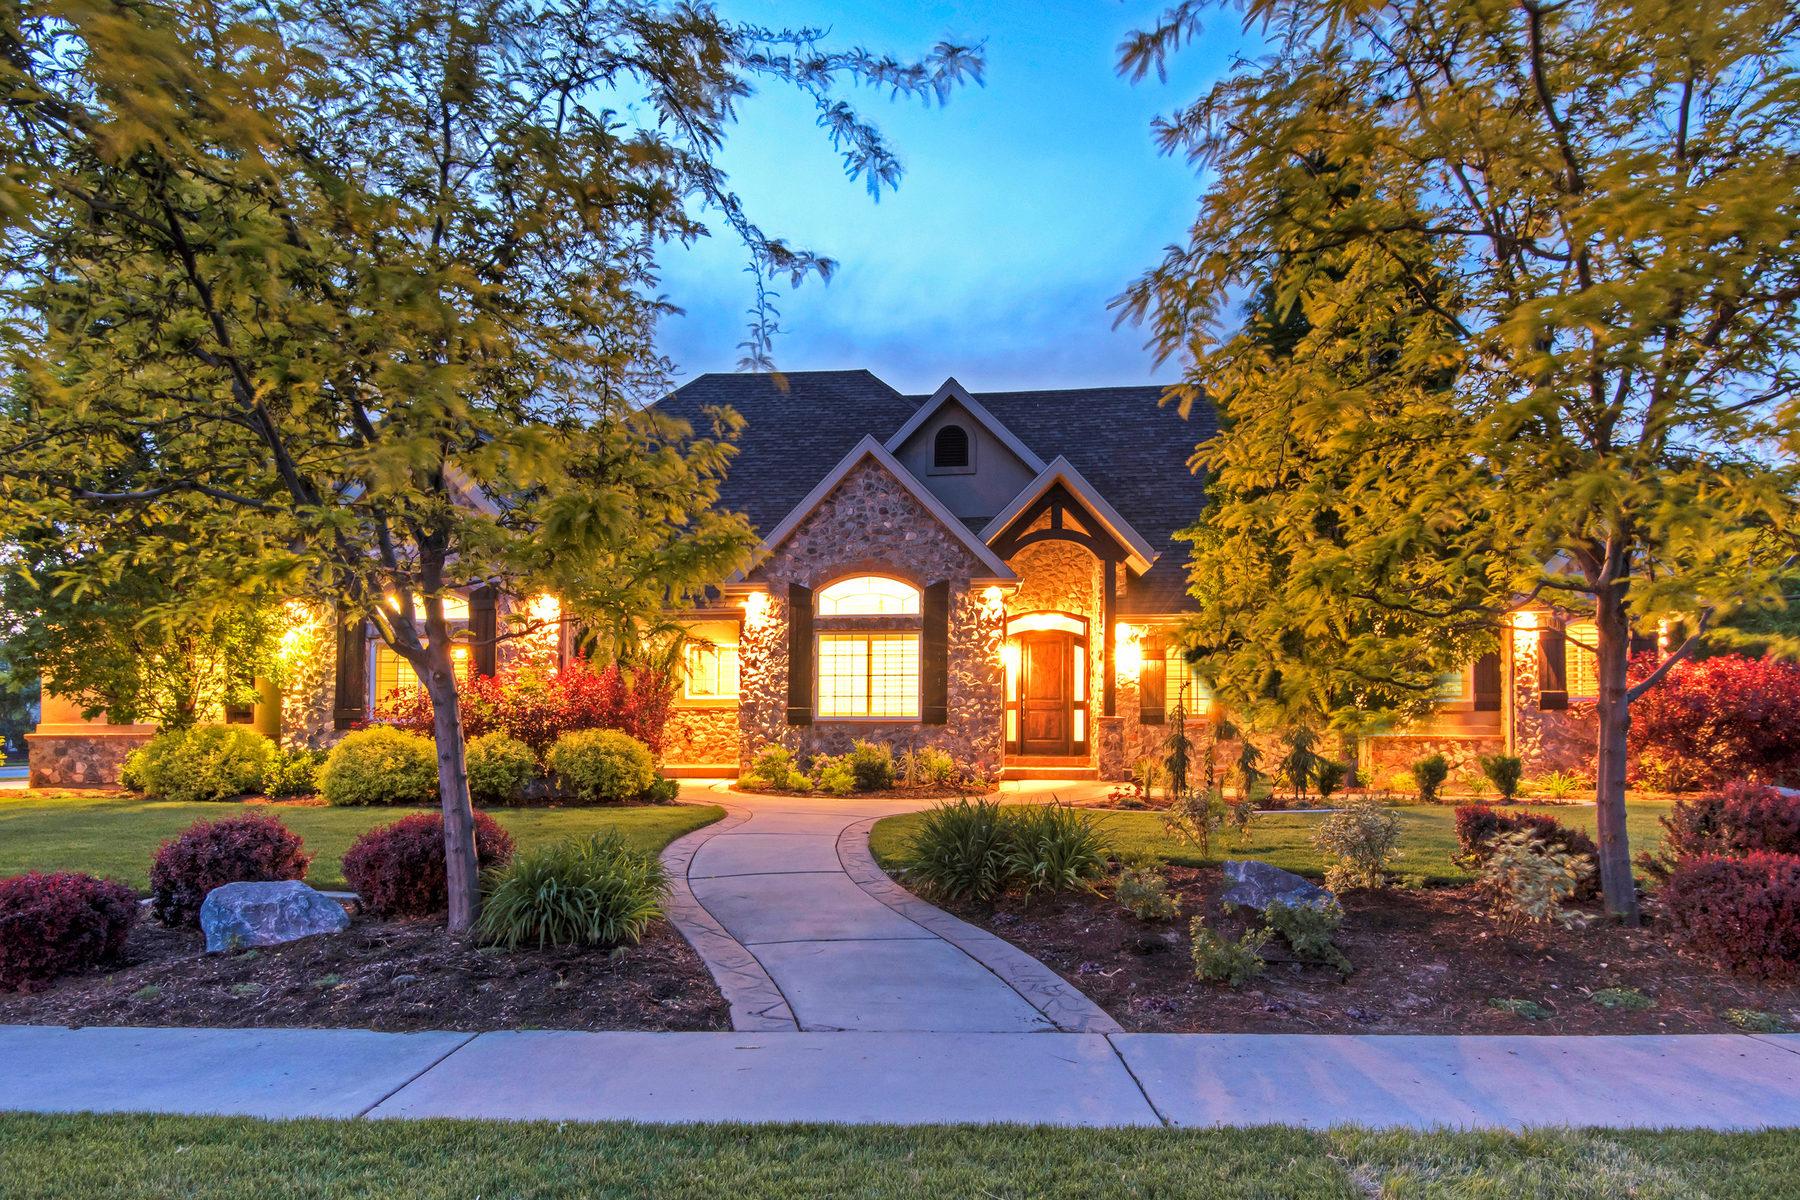 단독 가정 주택 용 매매 에 Beautiful Home in the Coveted Twin River 366 S Twin River Lp Alpine, 유타, 84004 미국